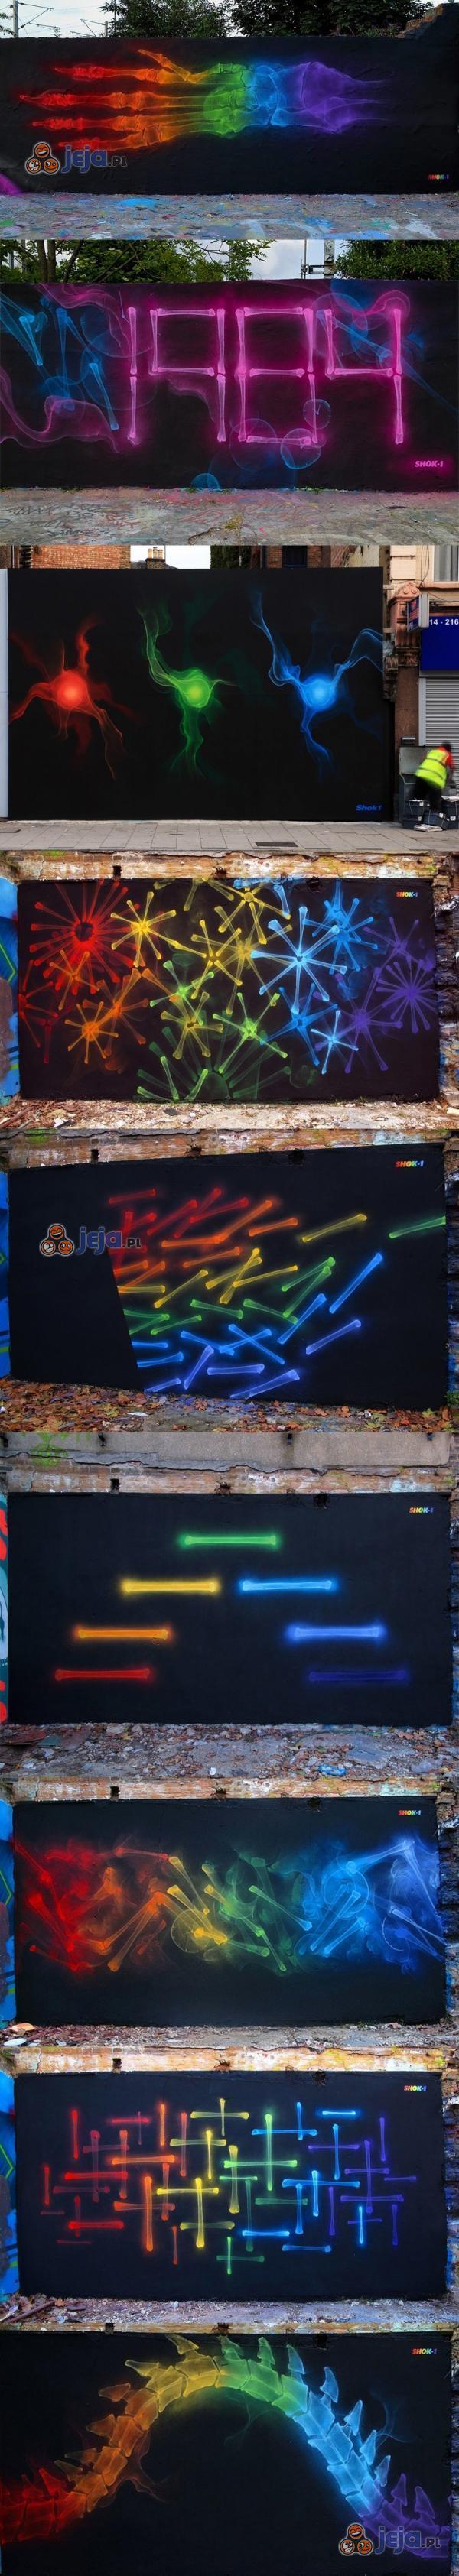 Graffiti niczym pod rentgenem